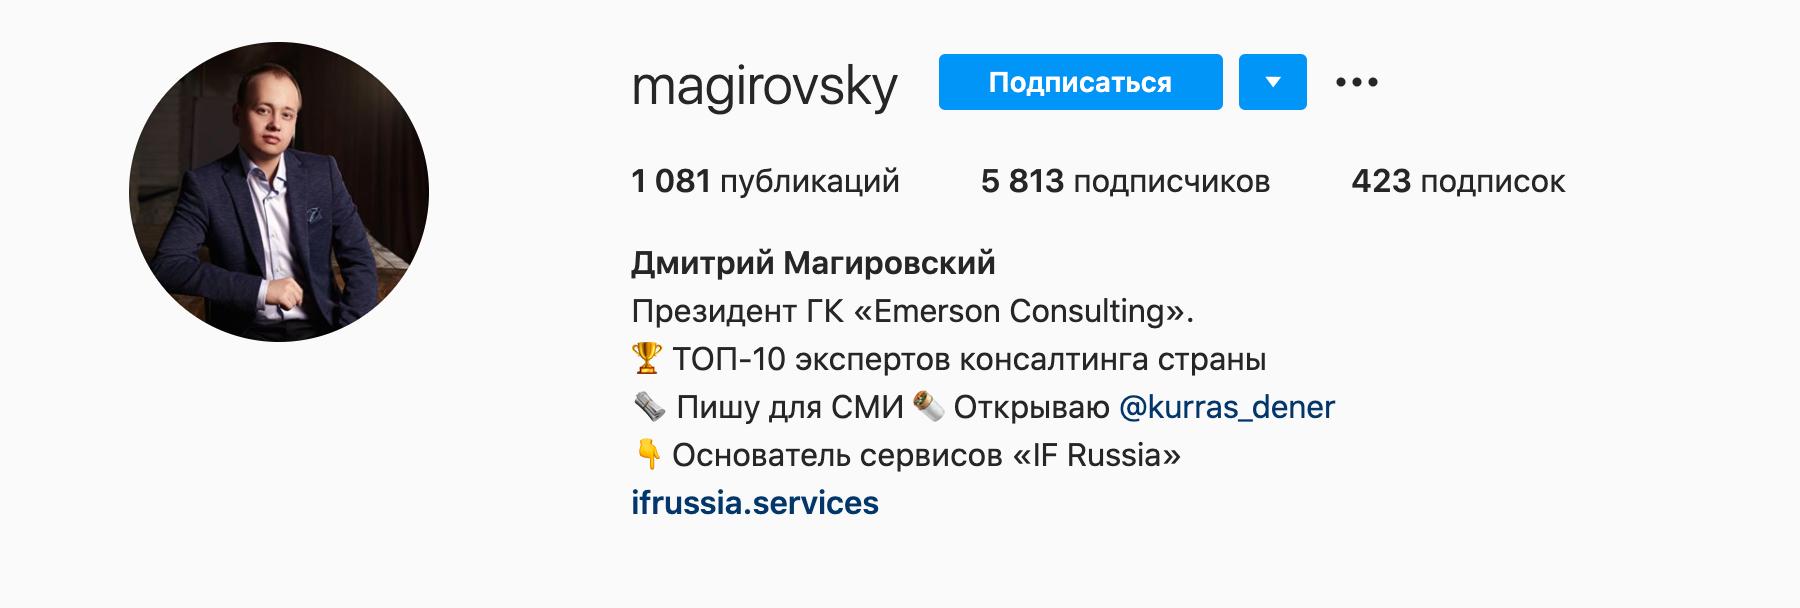 Дмитрий Магировский говорит о себе как об эксперте по консалтингу из топ-10 страны, но не поясняет, что это за рейтинг и кто его составил